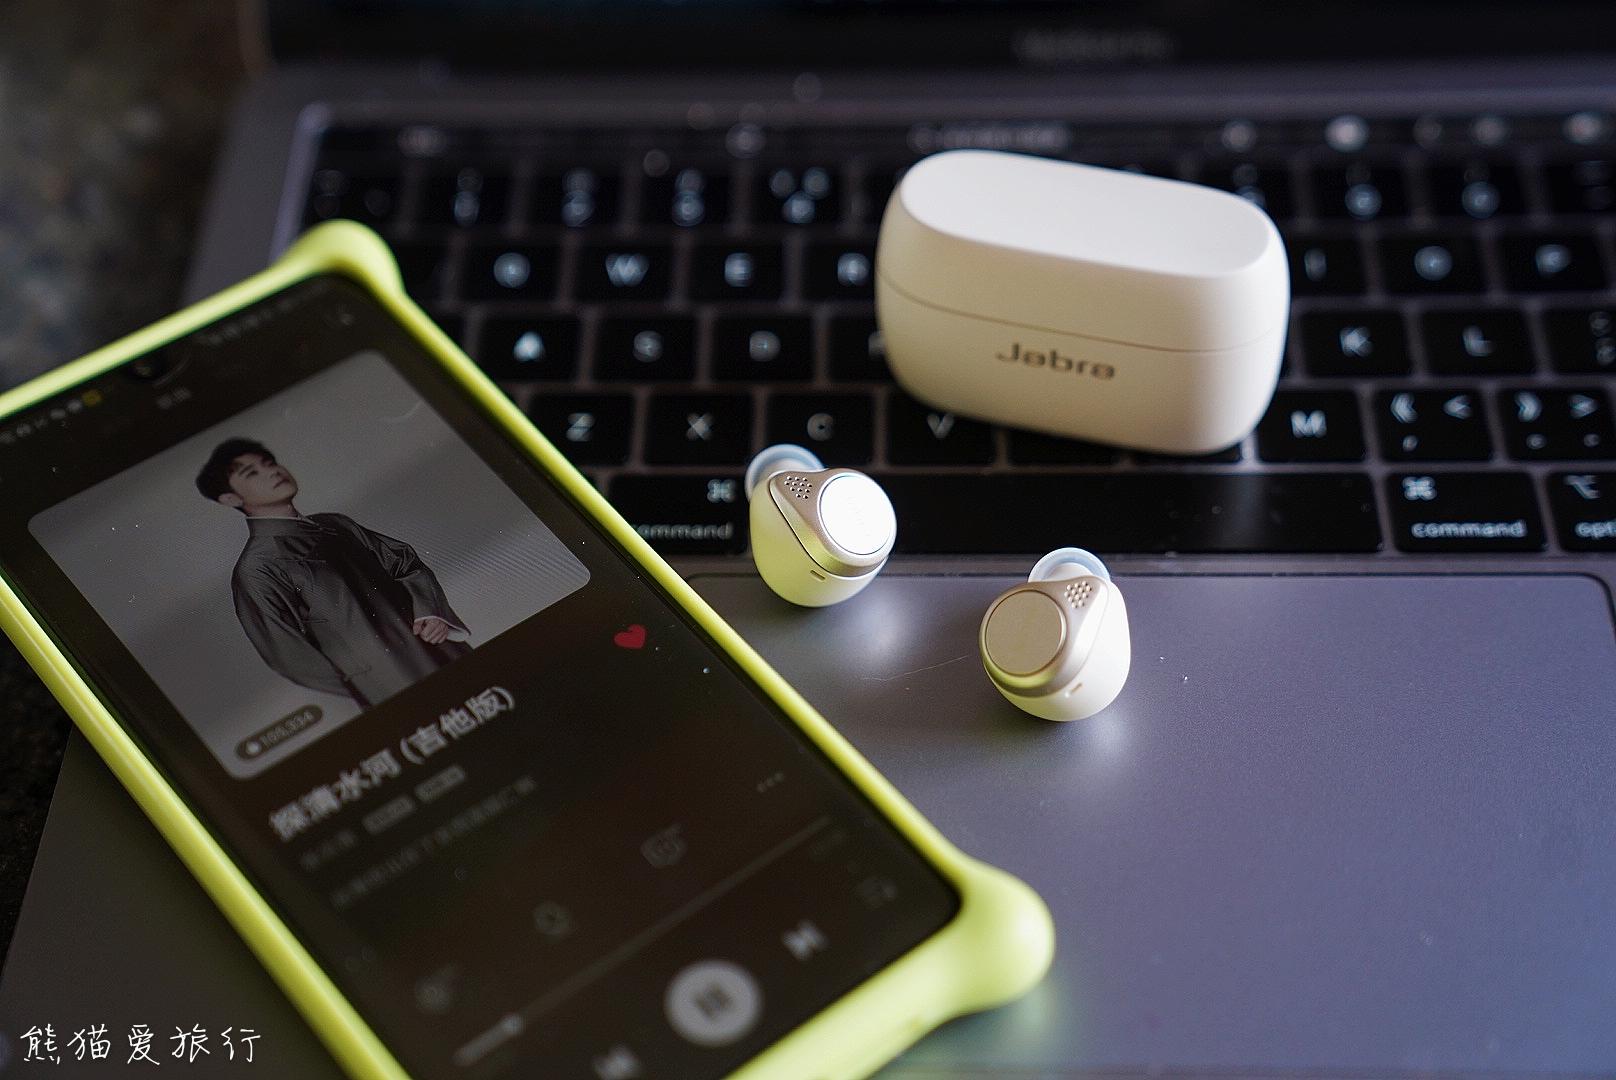 最轻的真无线耳机,轻如纸翼,而且超强续航能力28小时